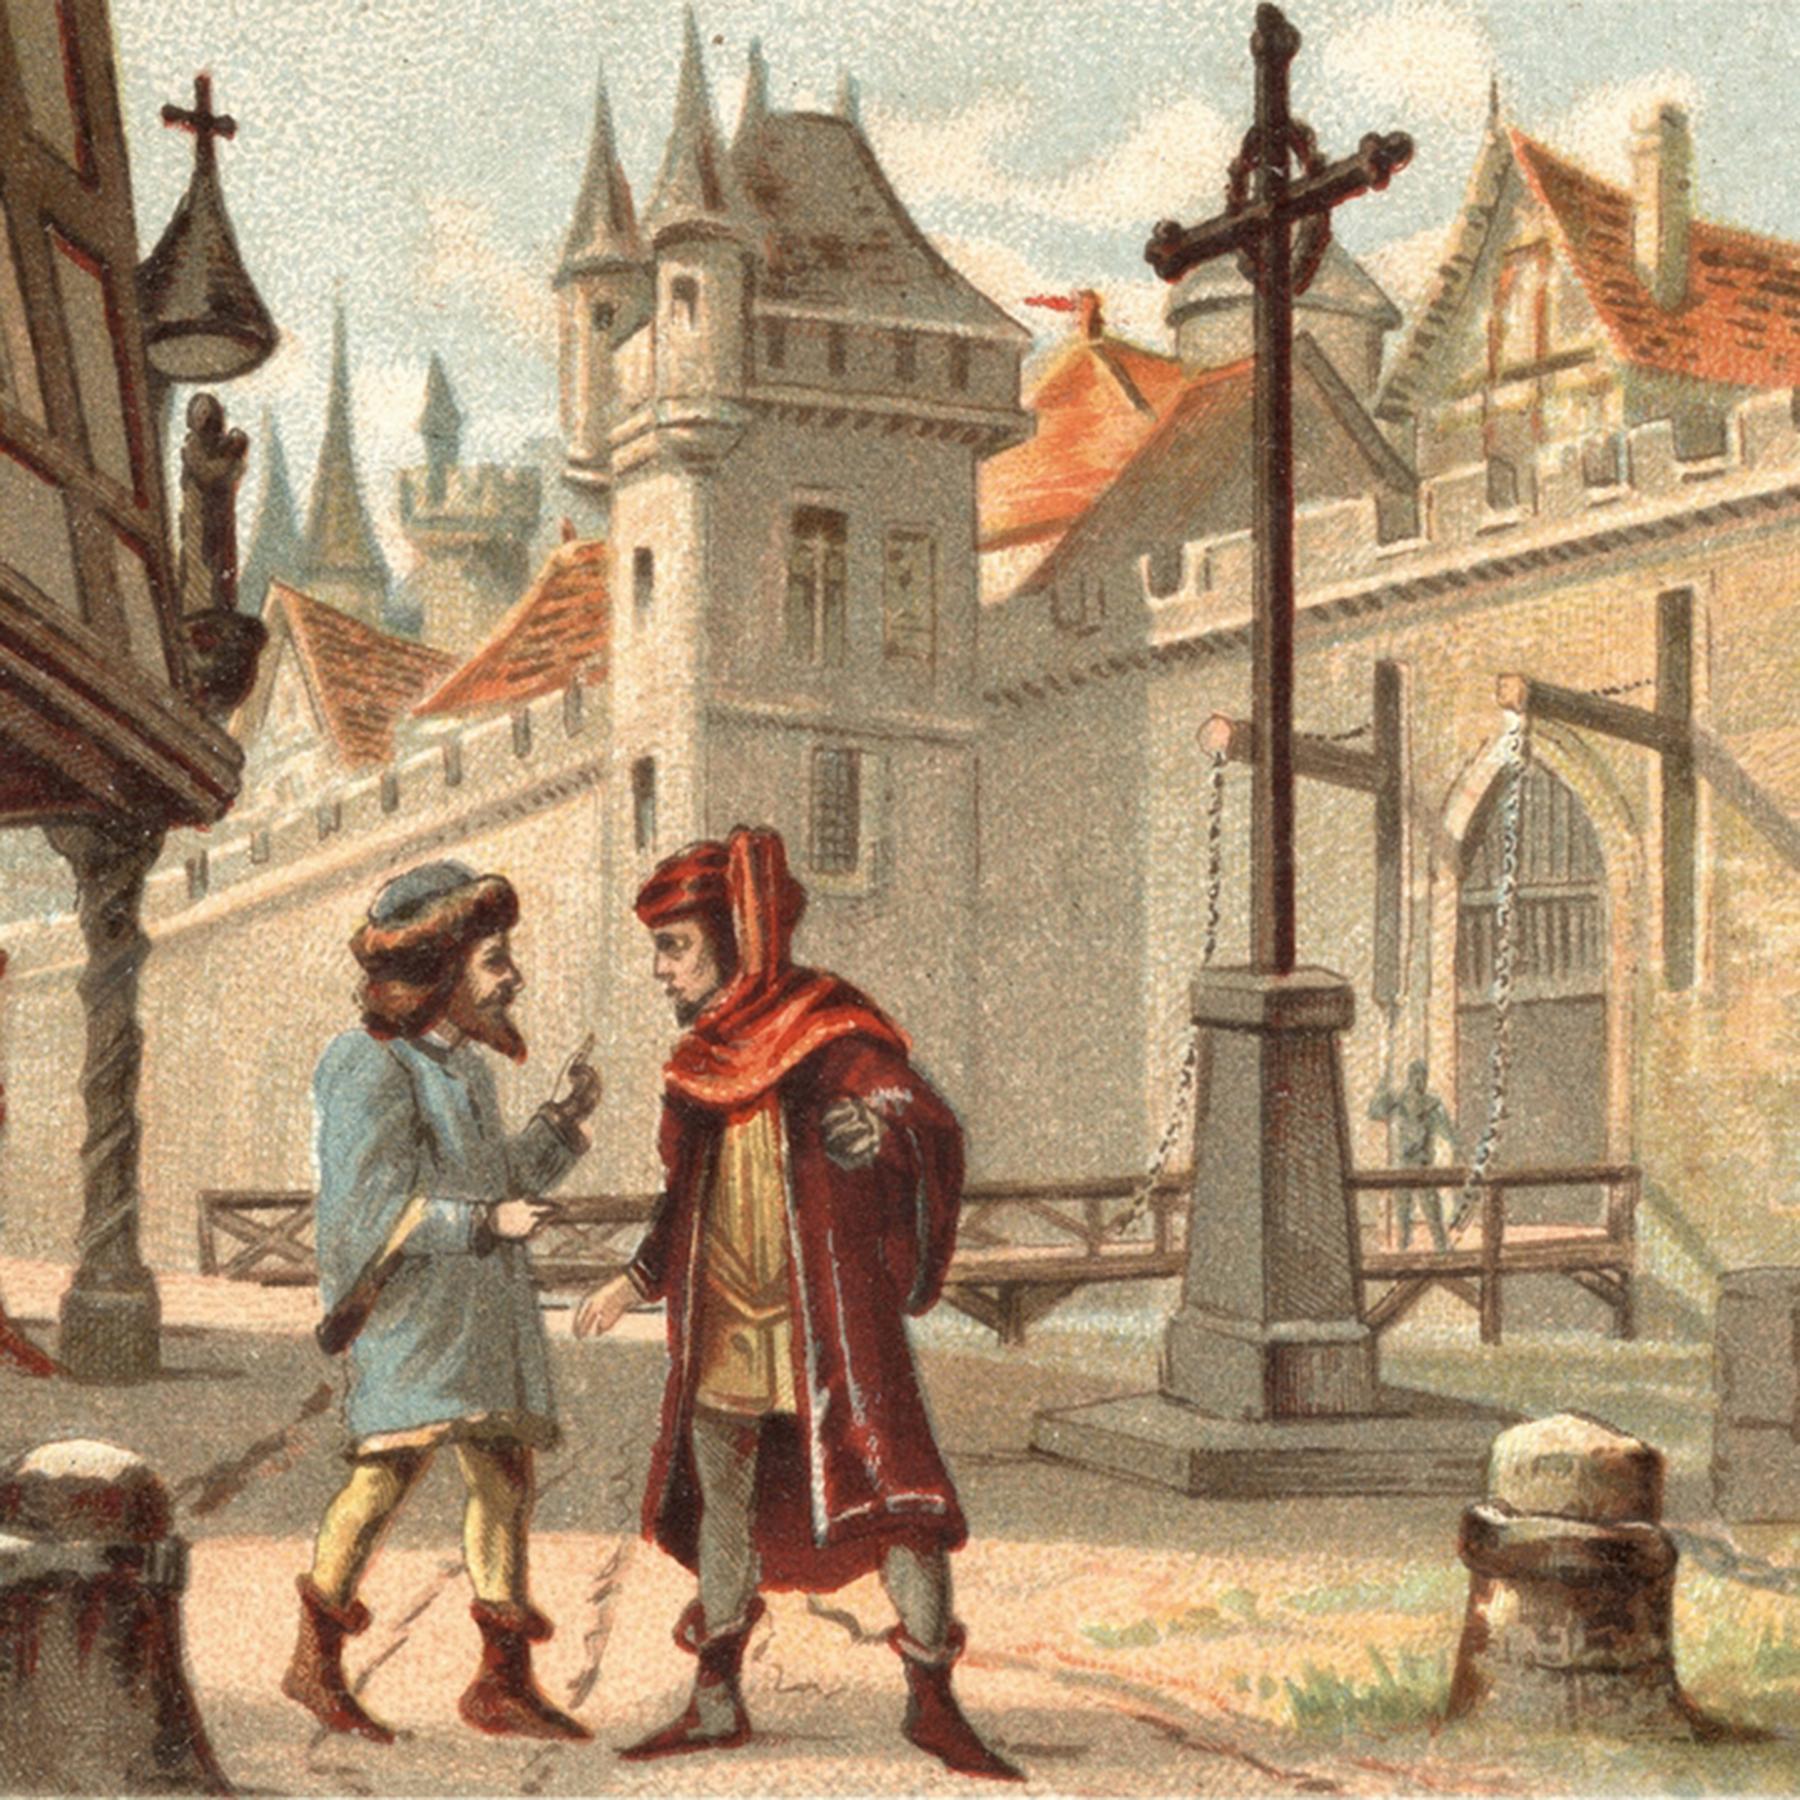 Städte im Mittelalter - Öffentlichkeit als Chance und Risiko